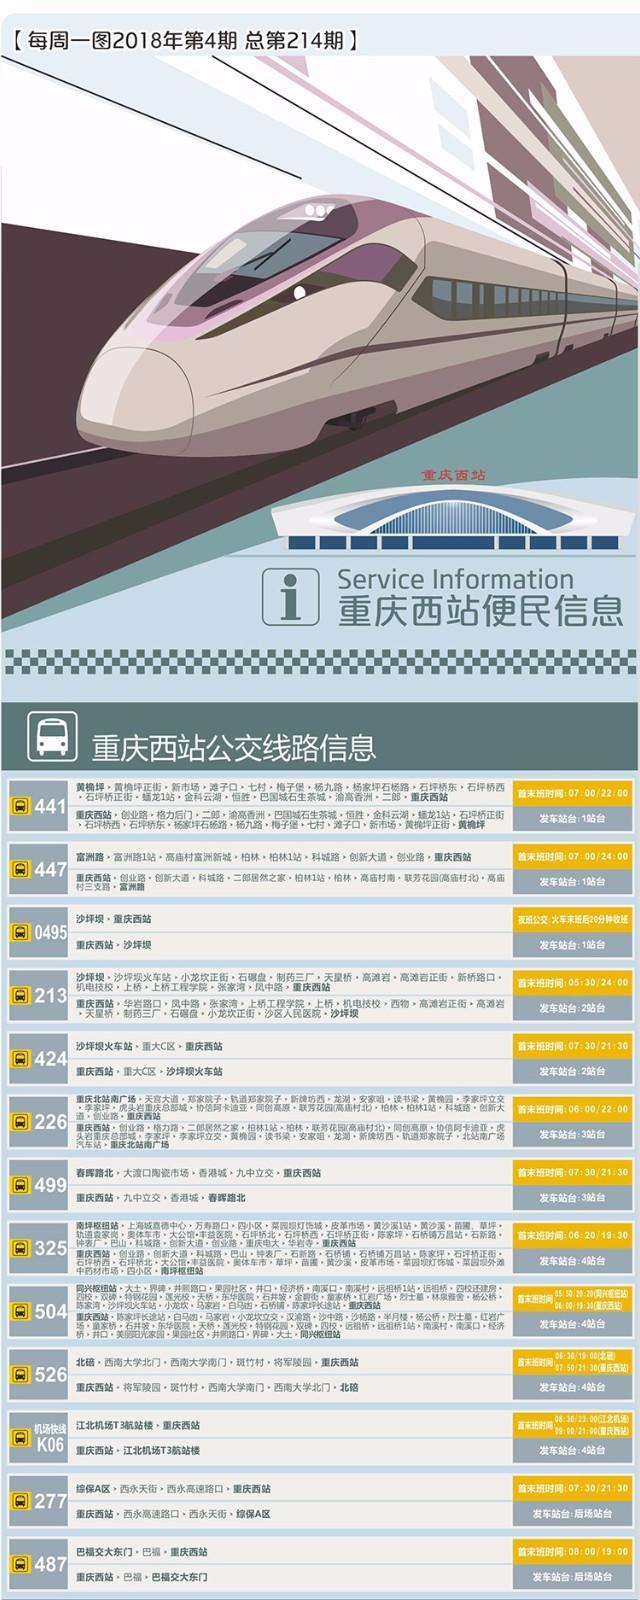 重慶西火車站咨詢電話是多少